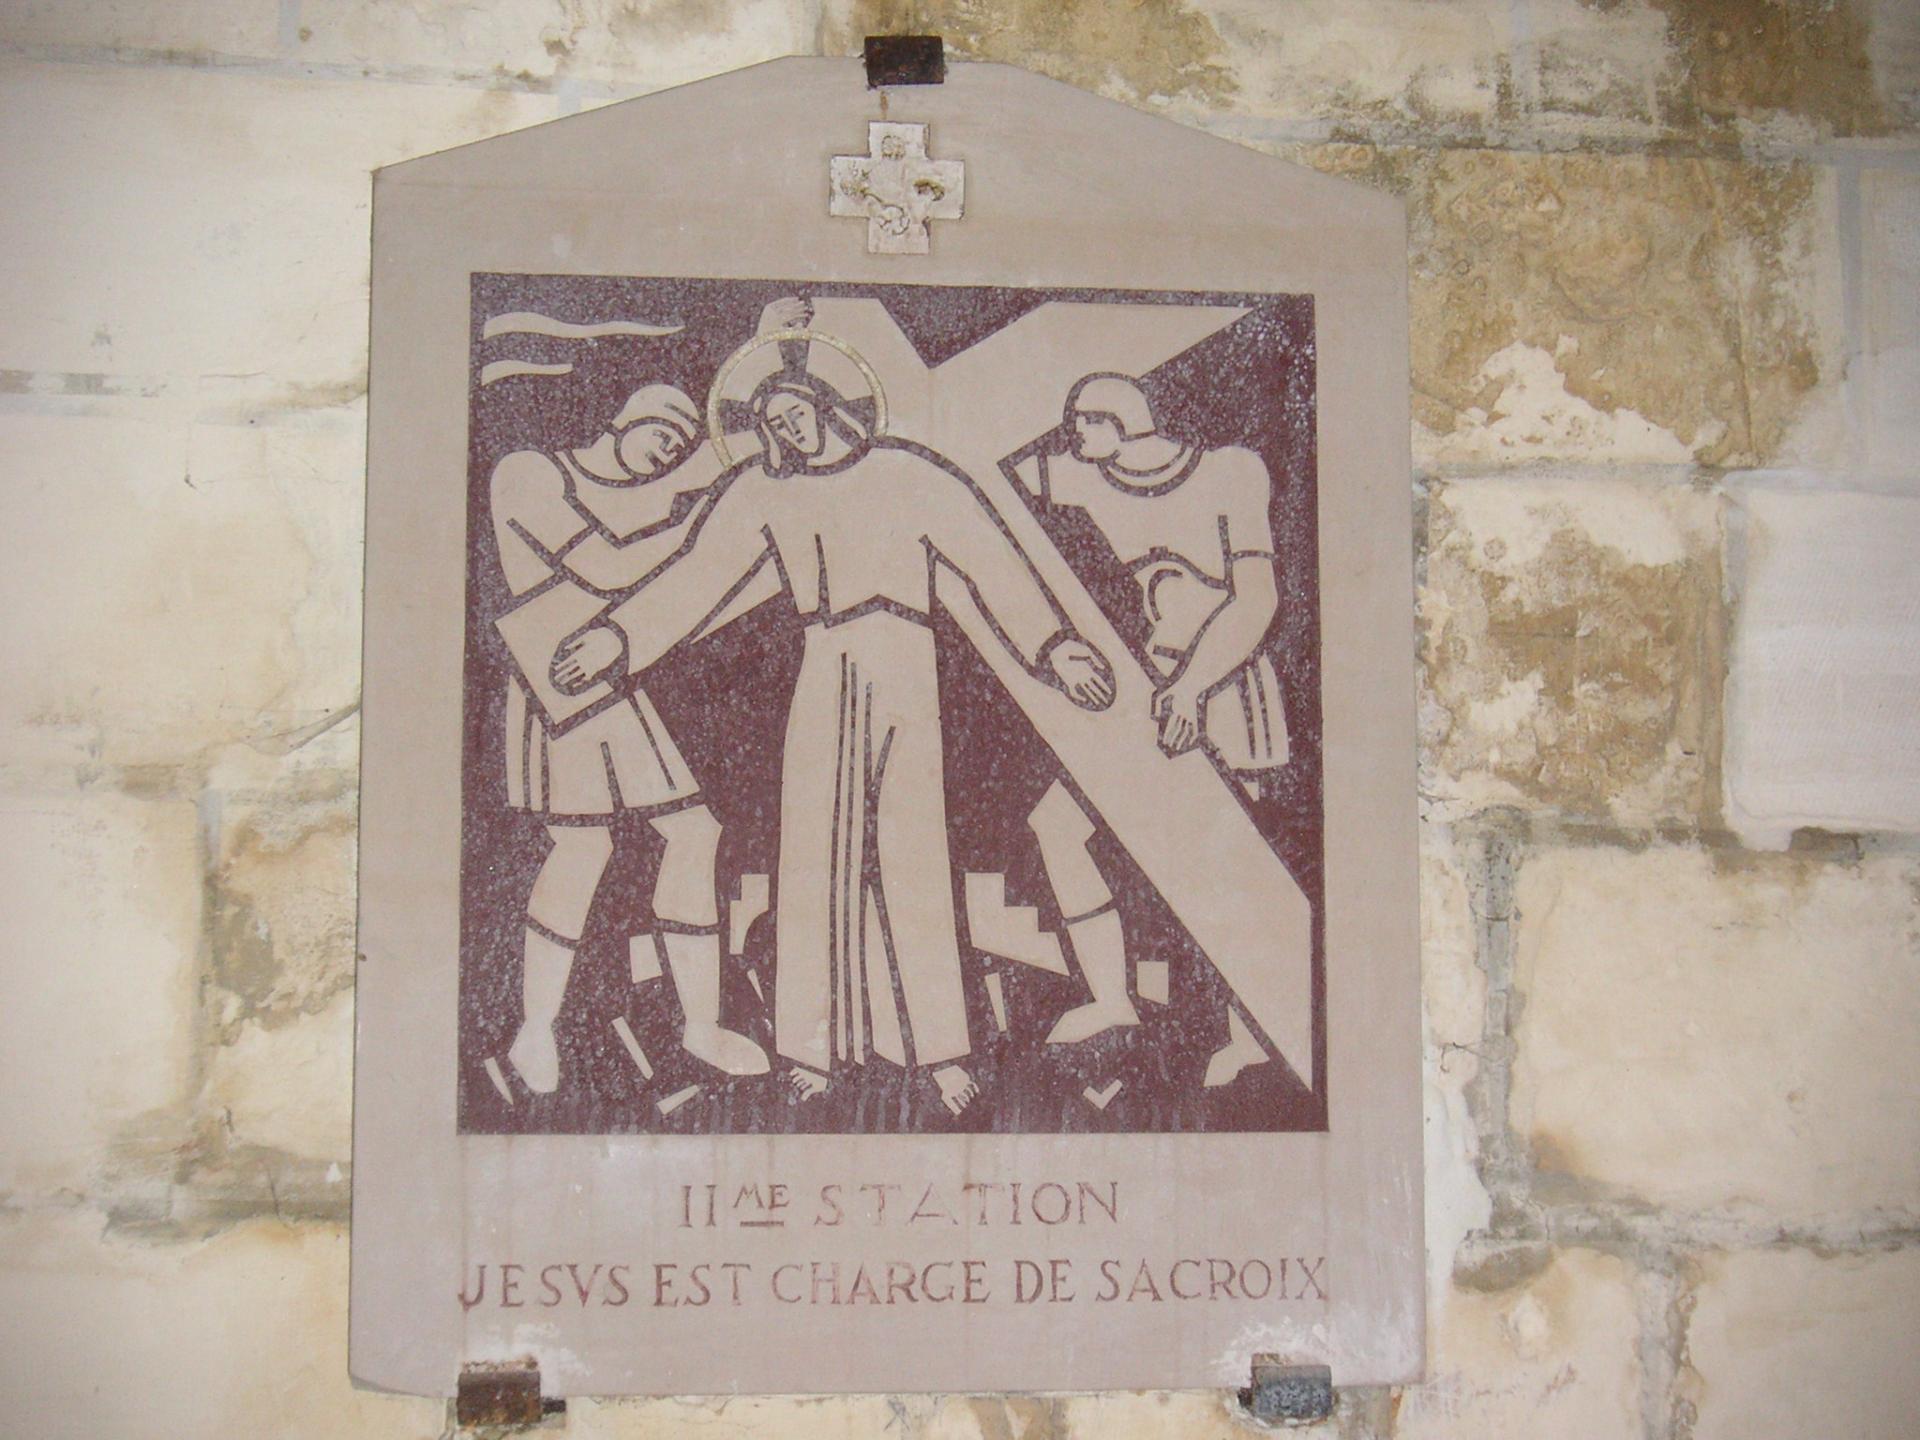 Le chemin de croix a été taillé dans la pierre de Tonnerre par ?